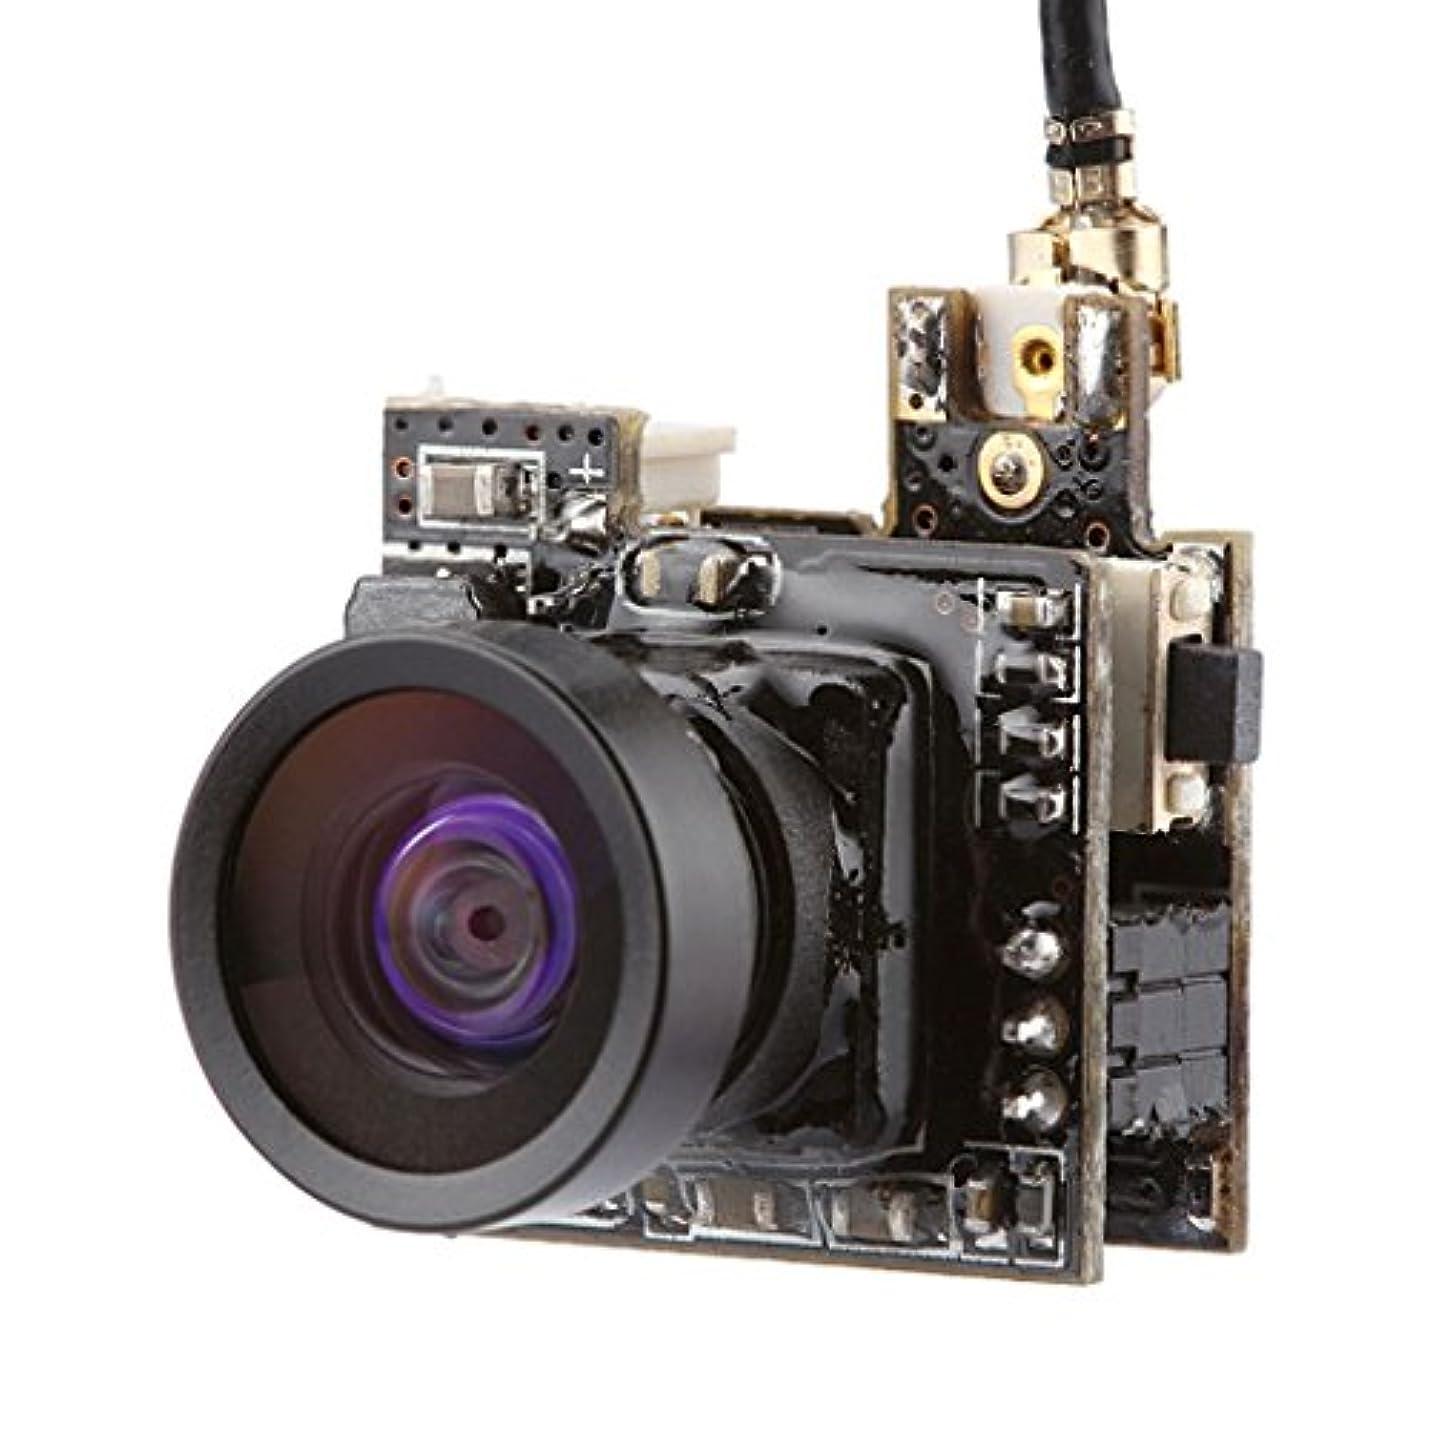 スカルクパワーセルエネルギーACHICOO 送信機のカメラ FPV 5.8G 800 TVL RCレーサー 飛行機 無人機の予備品のため